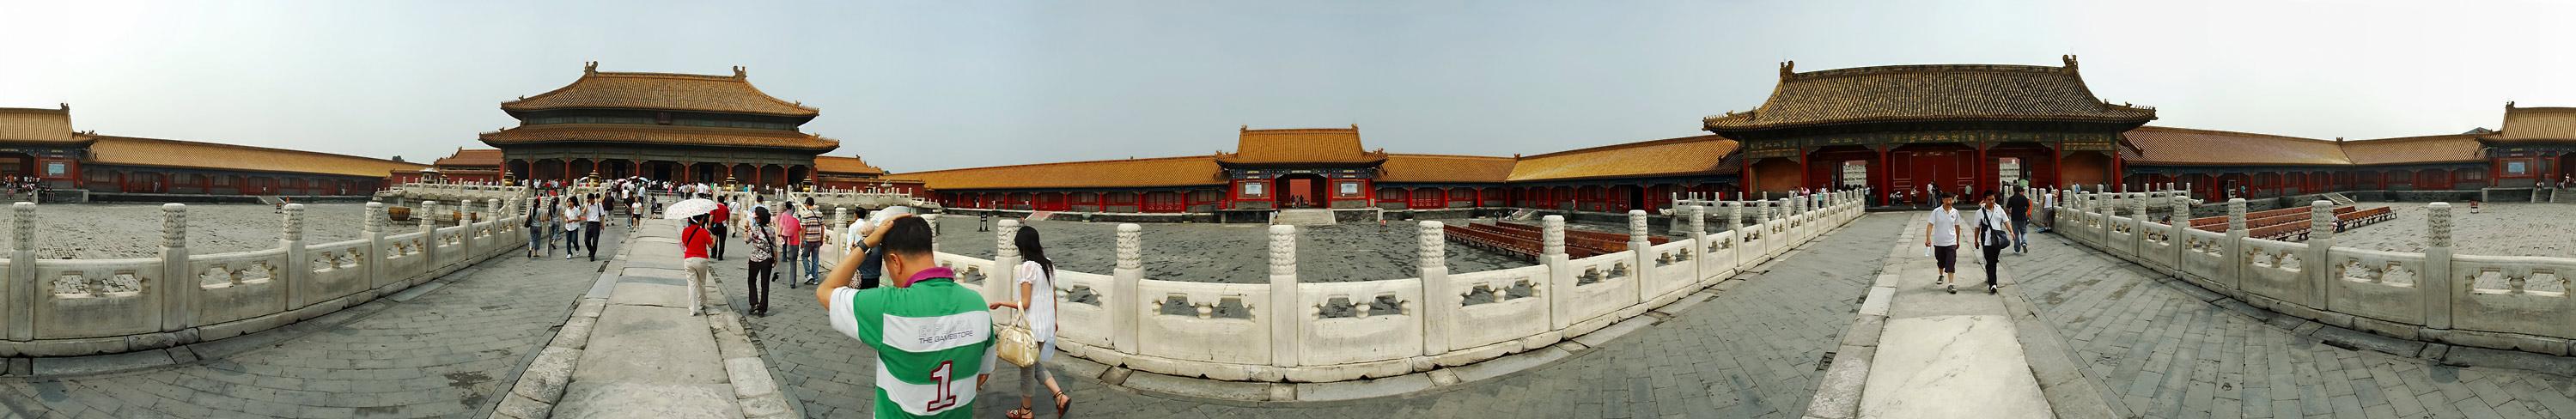 Palast der himmlischen Reinheit ...